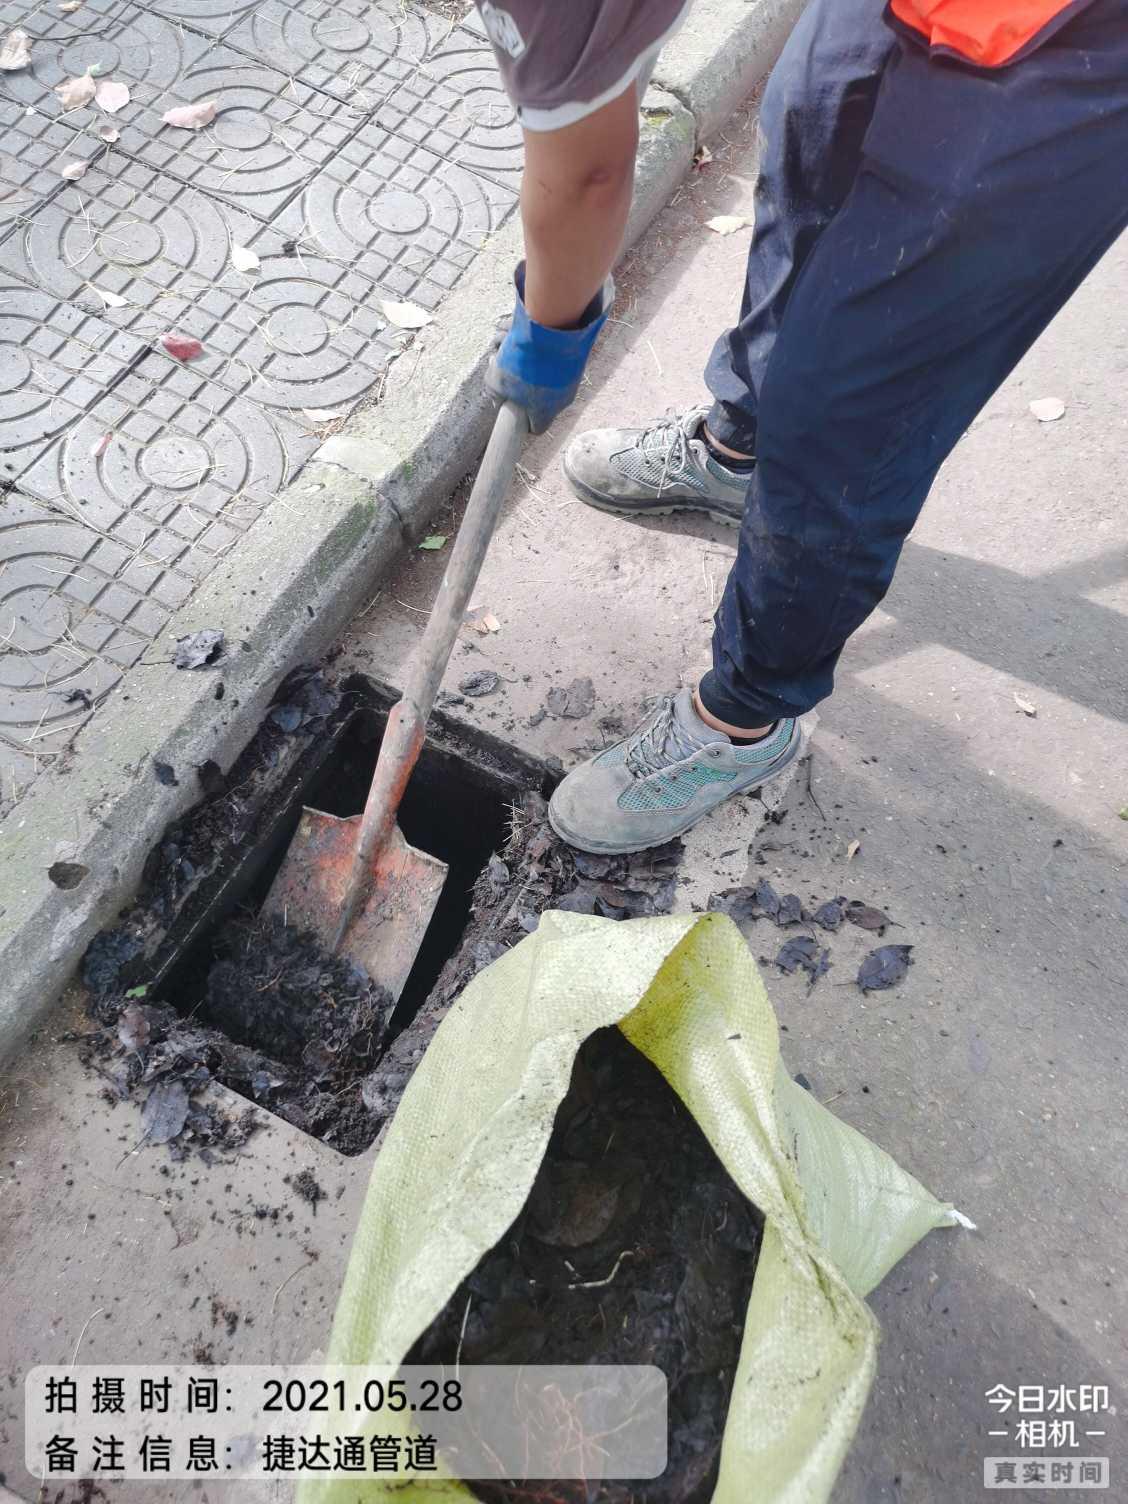 隔油池清理公司*南京市建邺区工业污水池清理如何收费